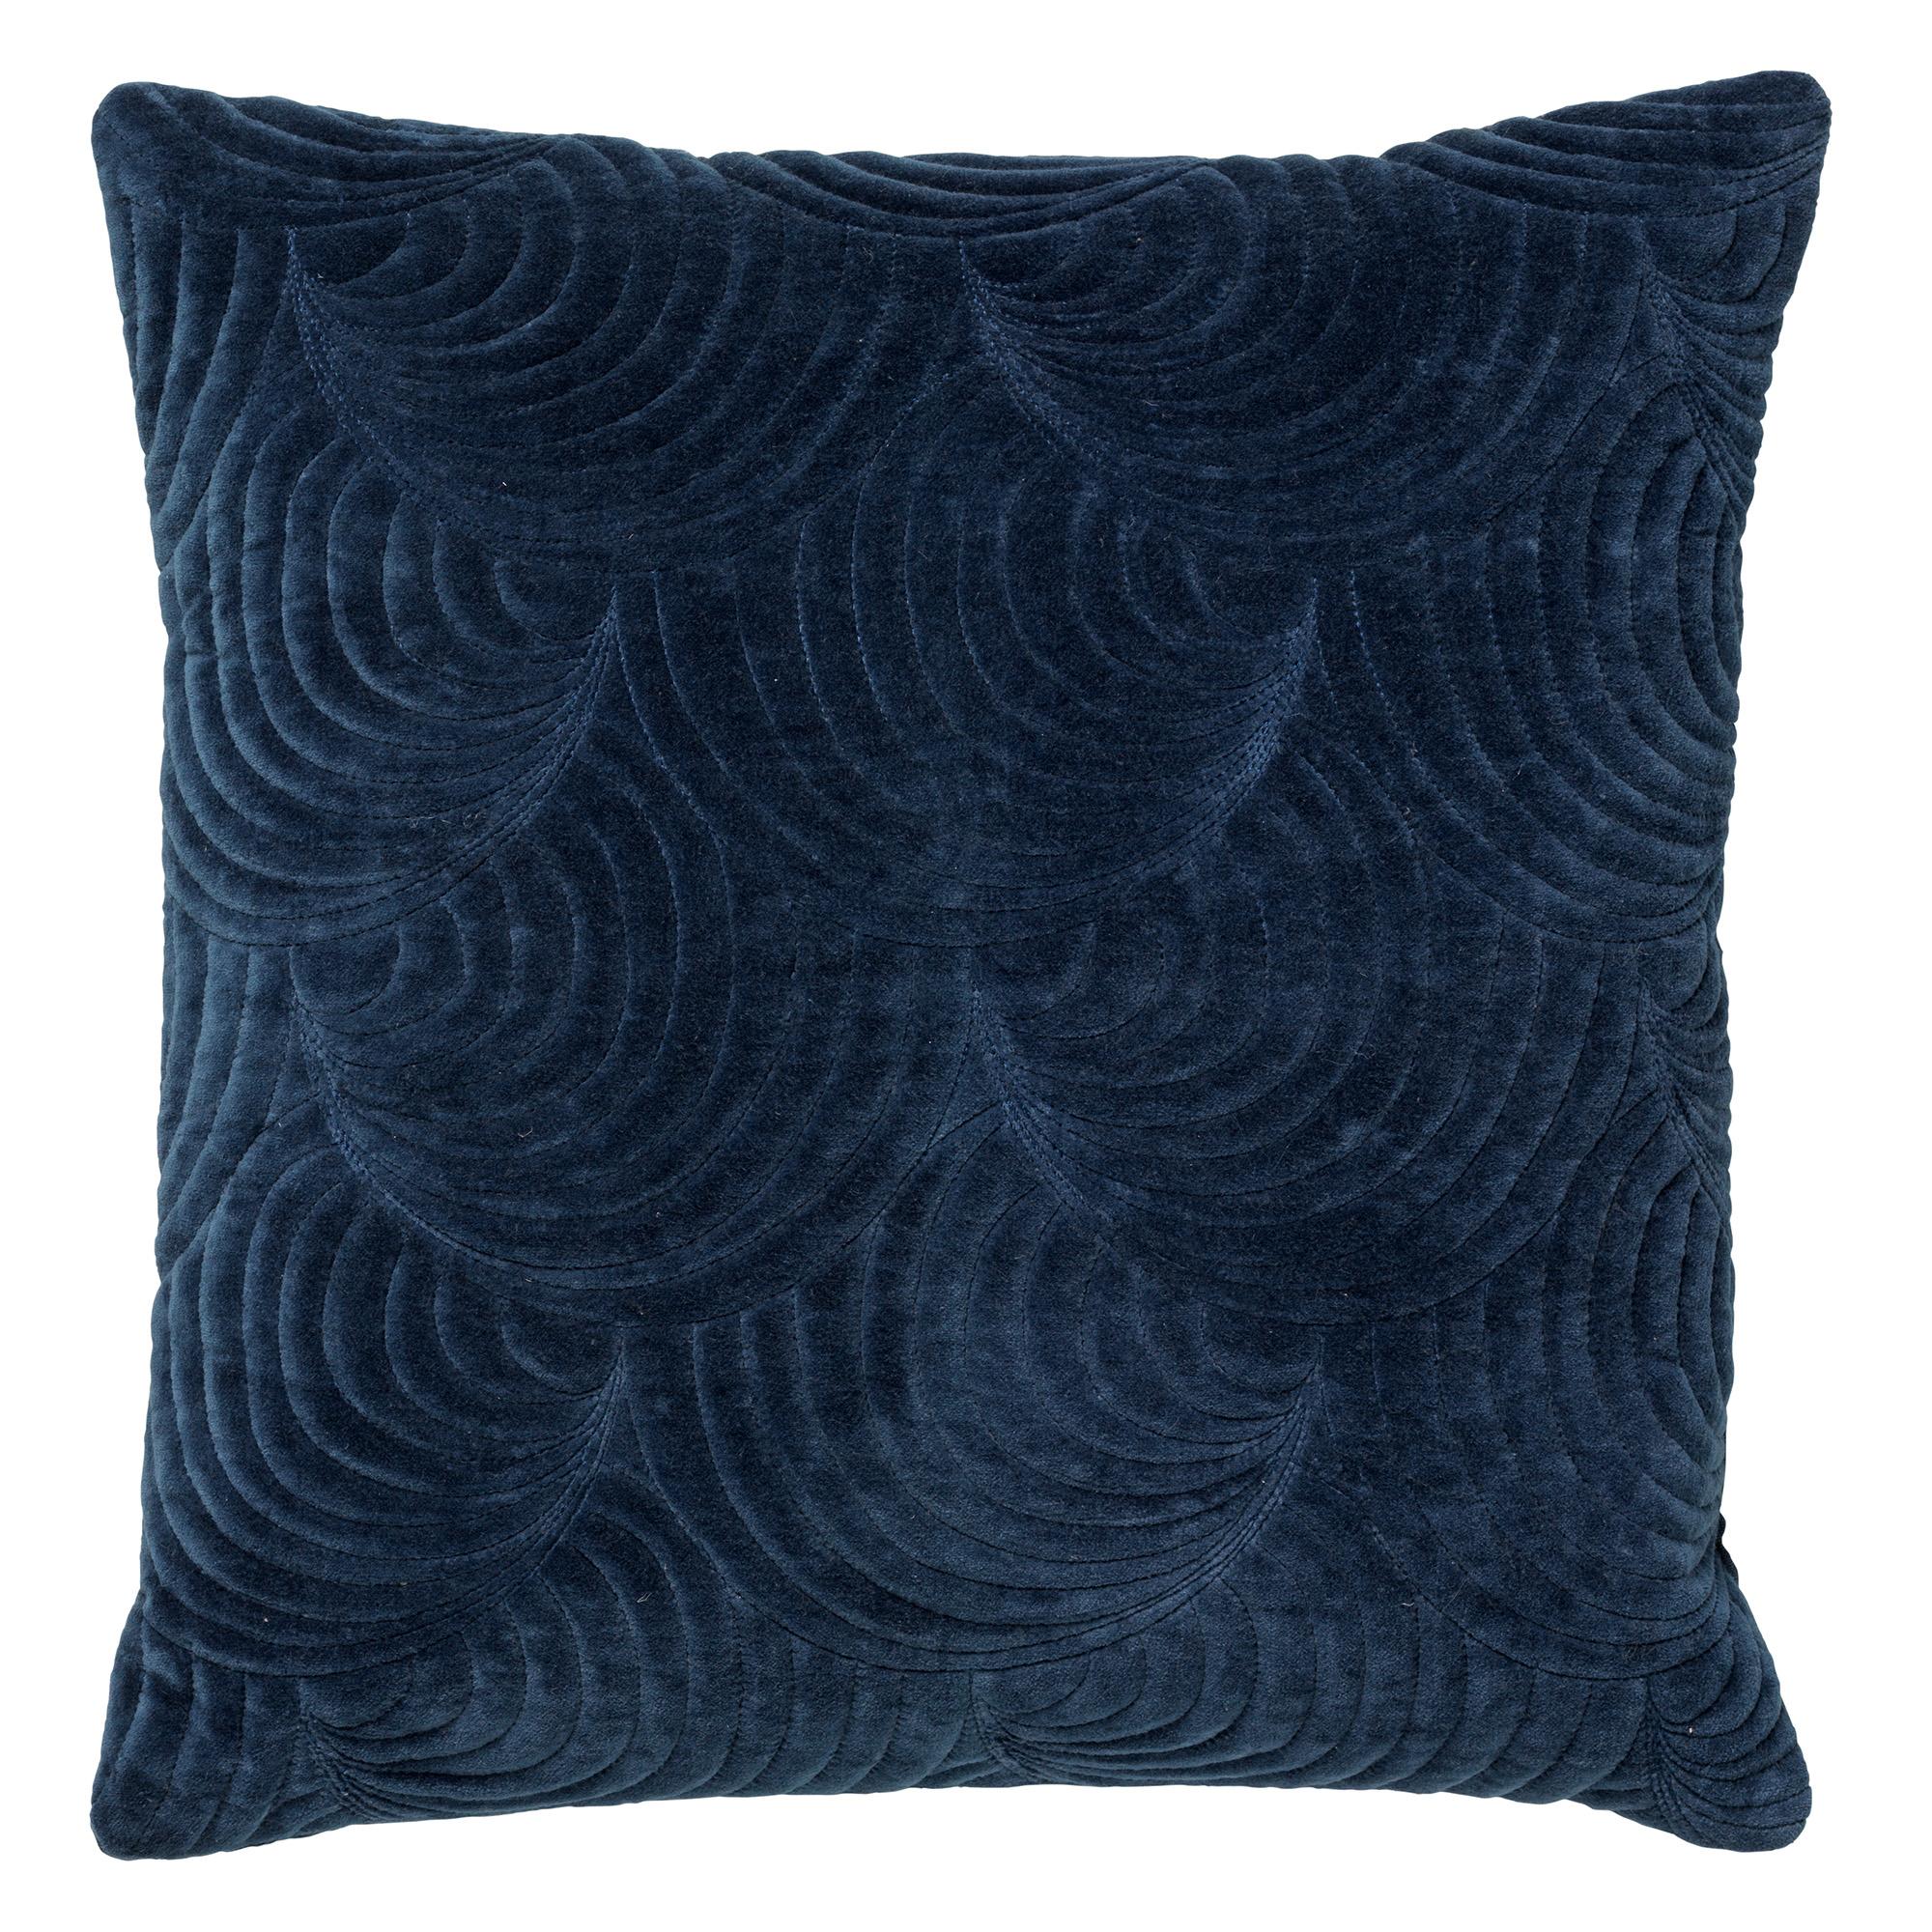 MOON - Kussenhoes van katoen 45x45 cm Insignia Blue